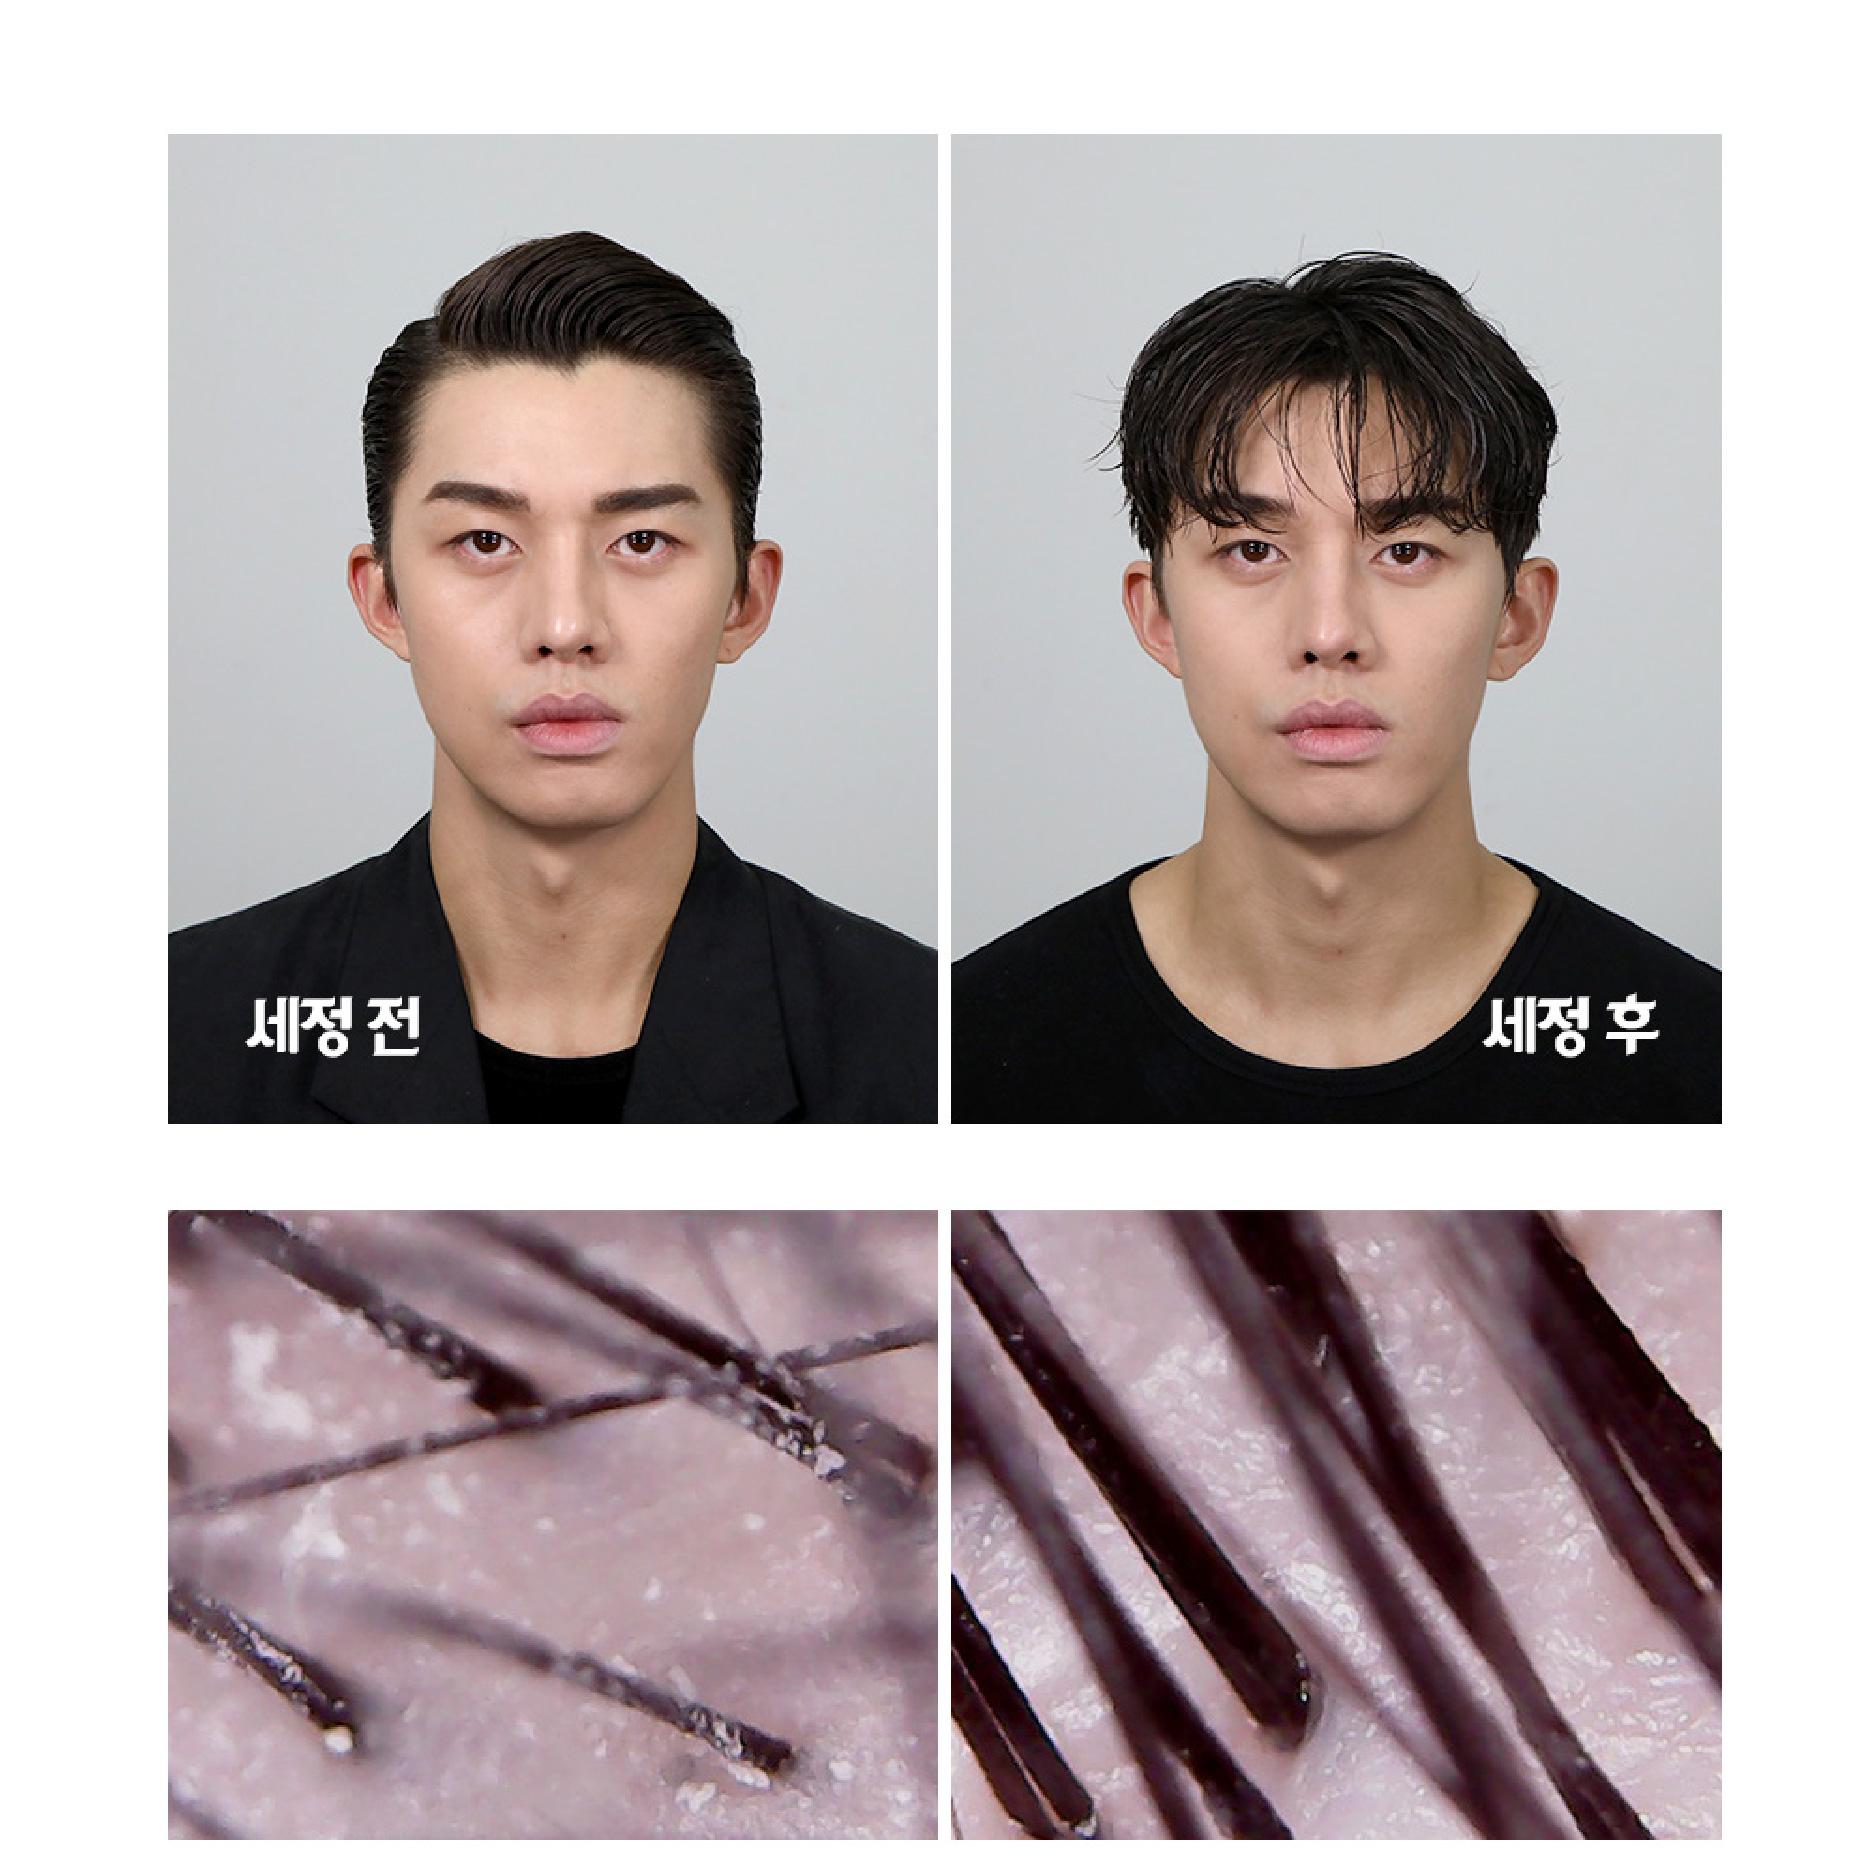 Clay Pomade vuốt tóc nam tạo kiểu Hàn Quốc Dashu Classic Tiger Rage Pomade Clay Type 168ml(size lớn, độ bóng nhẹ 3, độ giữ nếp lâu 9) hương nước hoa mùi gỗ nam tính, thành phần thảo dược dưỡng tóc, bảo vệ da đầu.